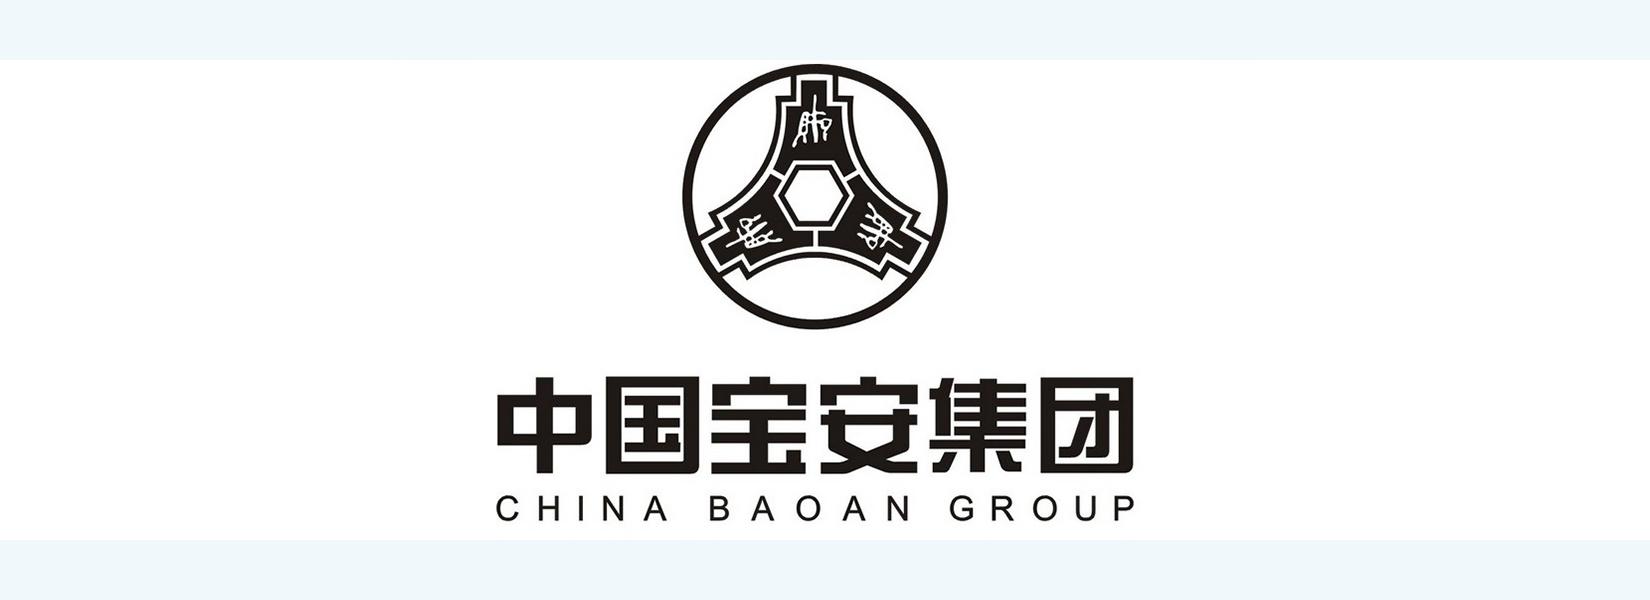 中國寶安集團